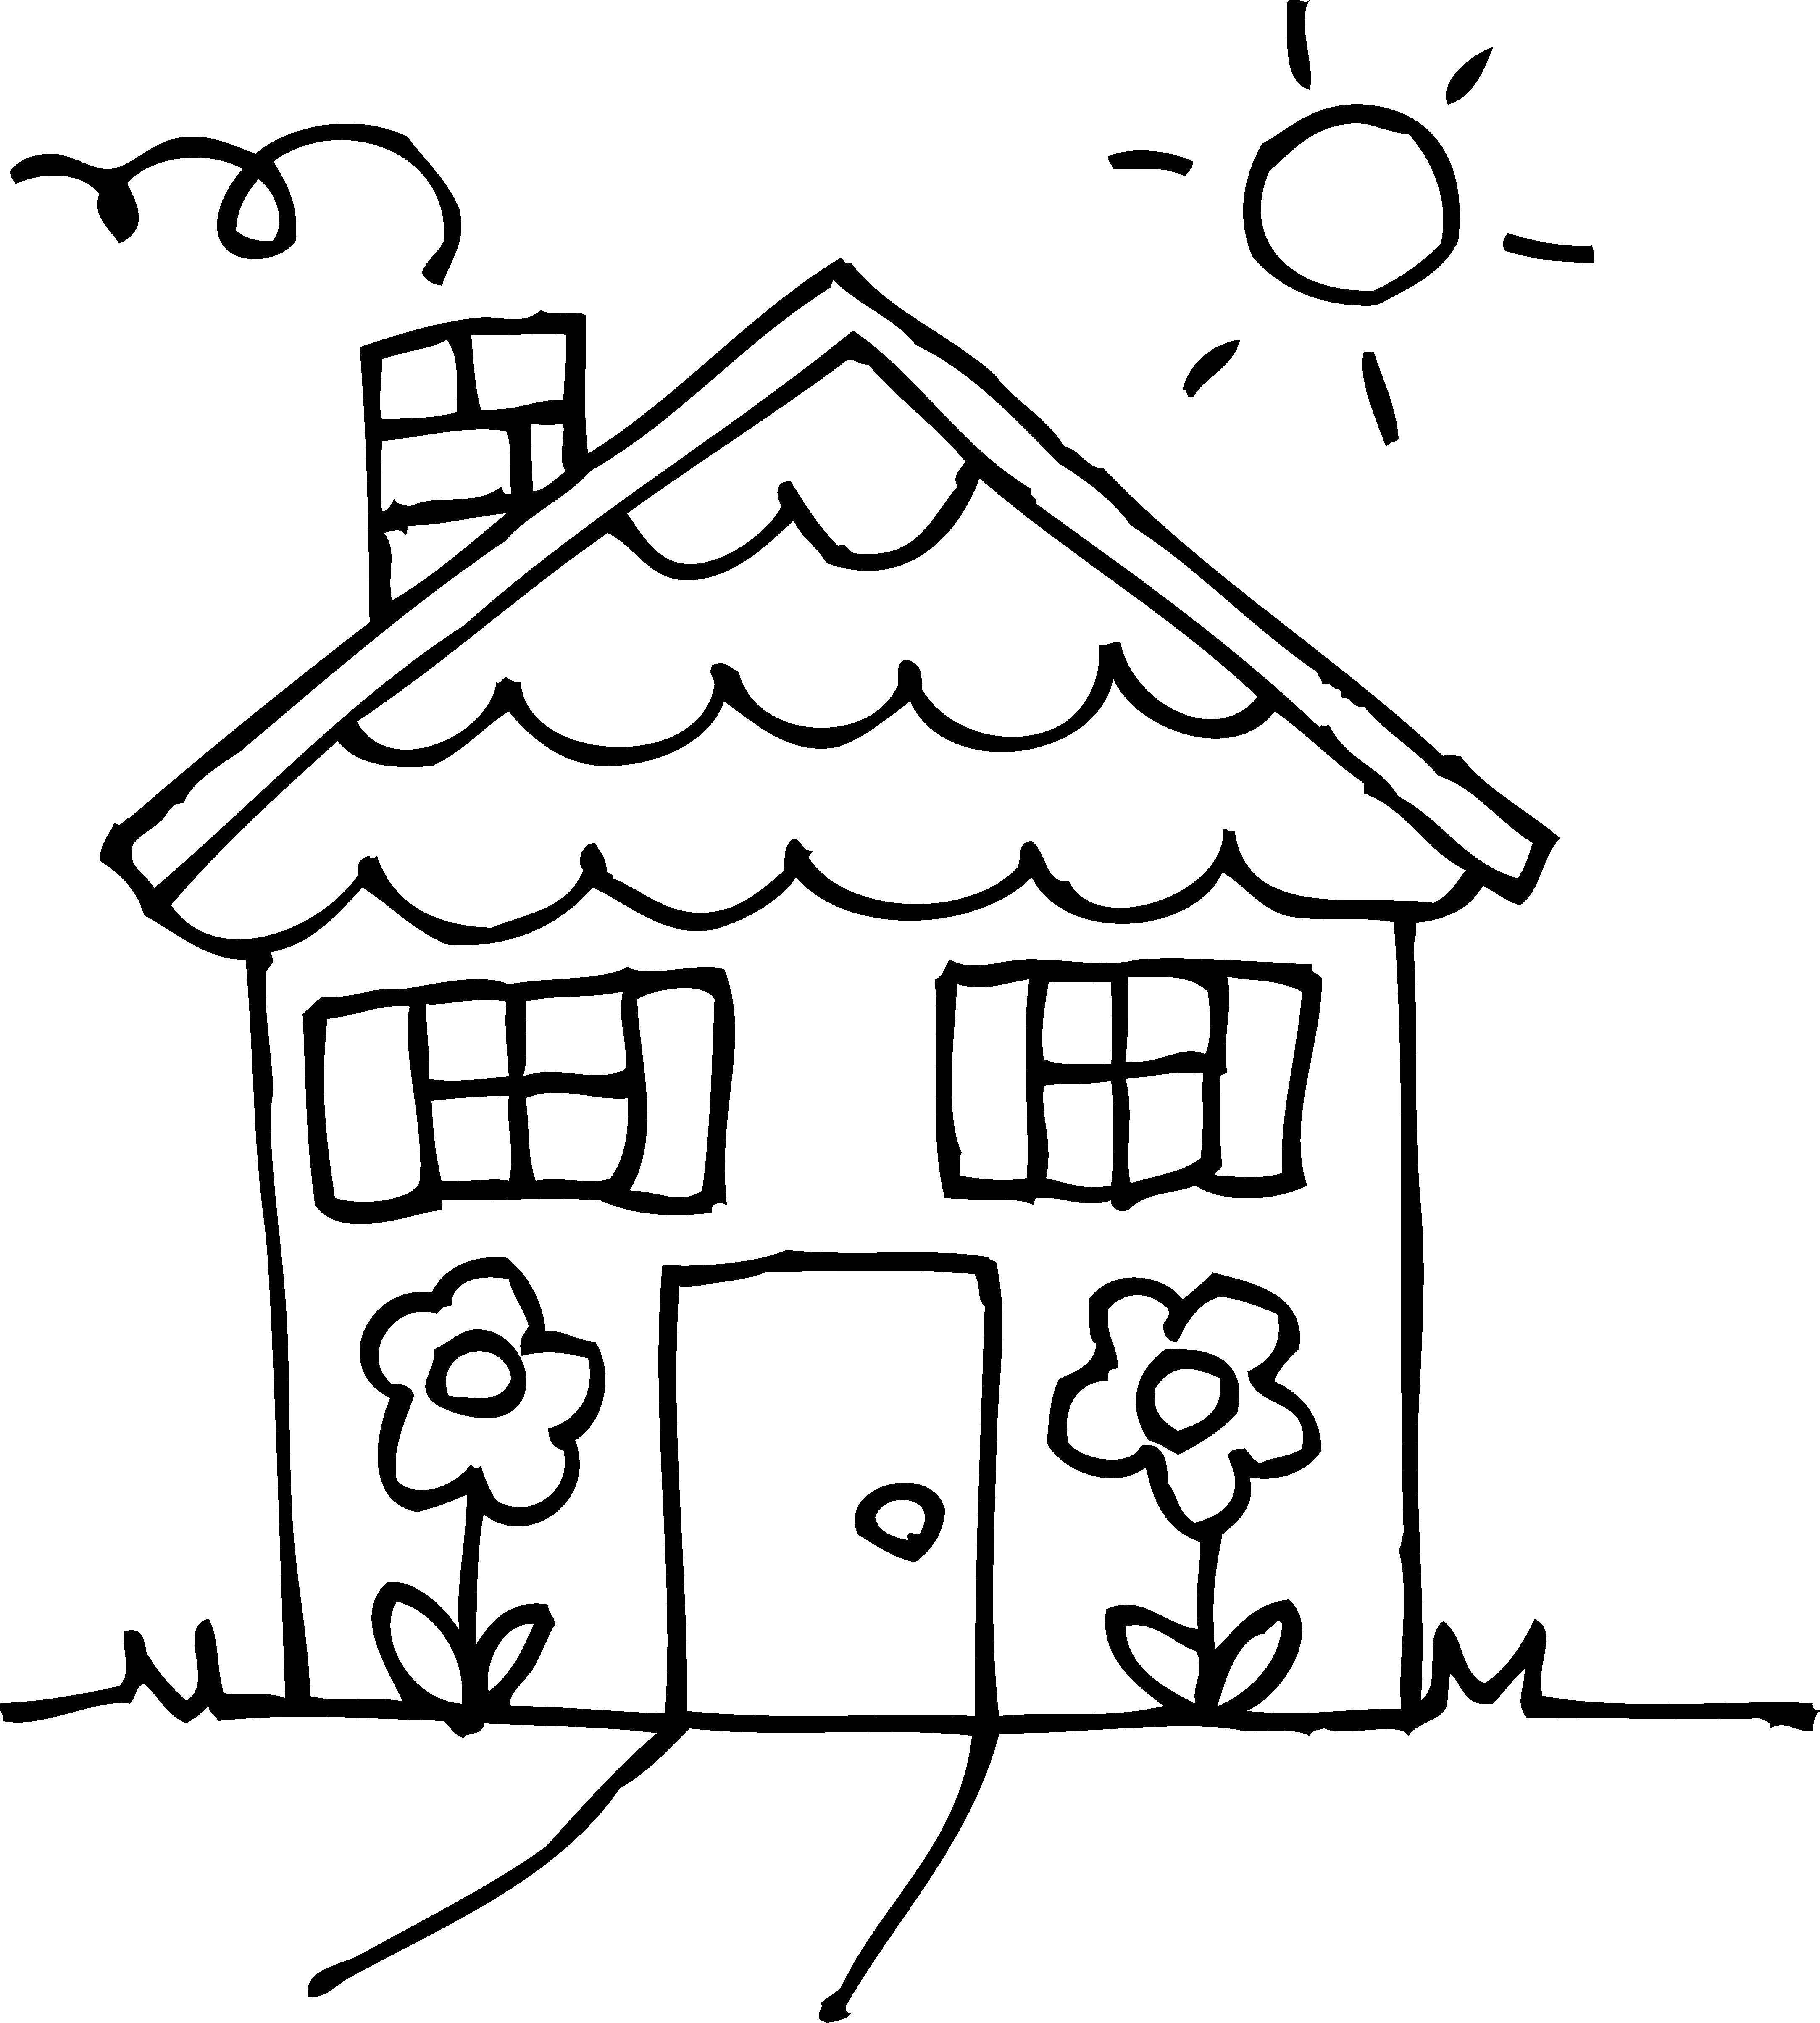 Раскраска Домик с цветочками. Скачать дом, цветочки.  Распечатать ,дома,